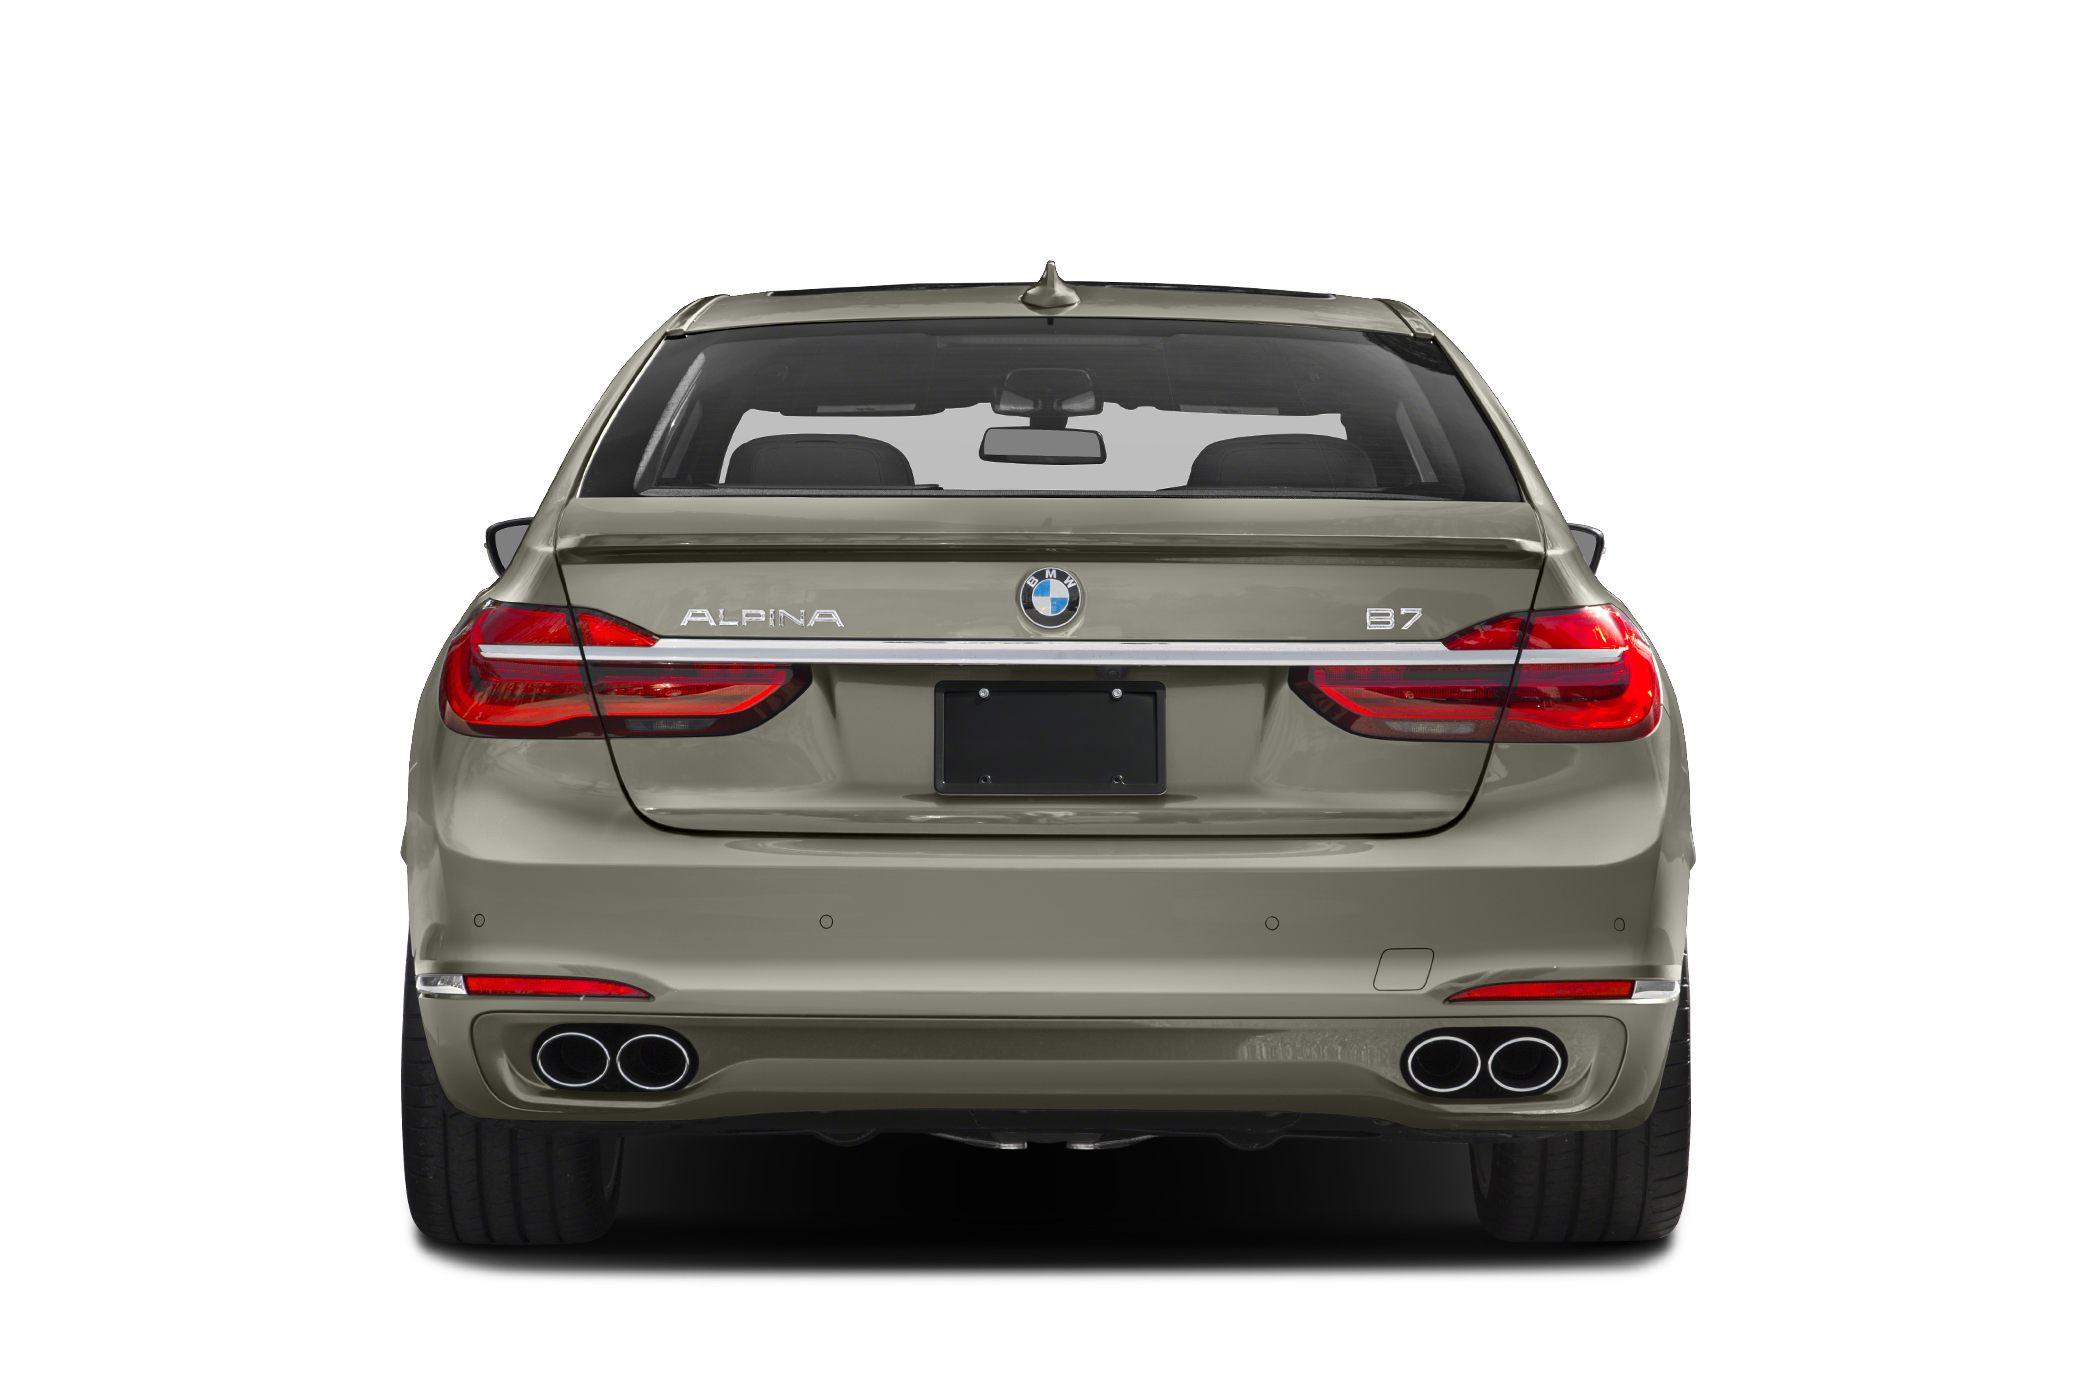 2018 BMW Alpina B7 Reviews, Specs and Prices | Cars.com